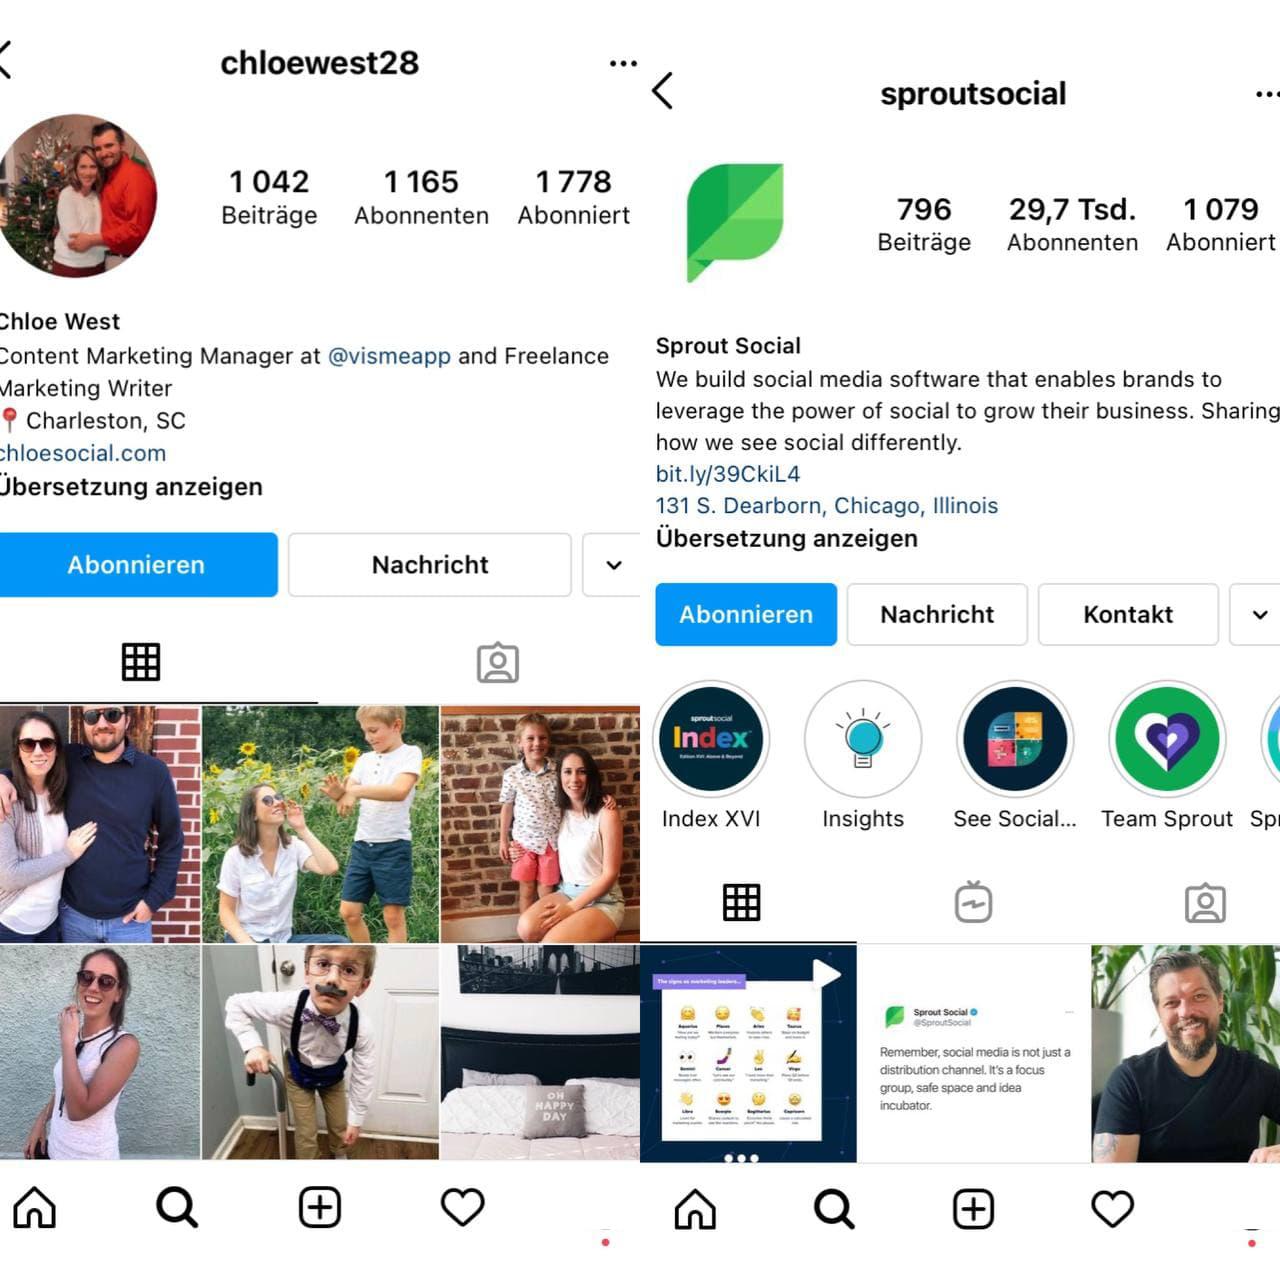 Vorteile und Funktionen eines Instagram-Geschäftskontos - Bild 3